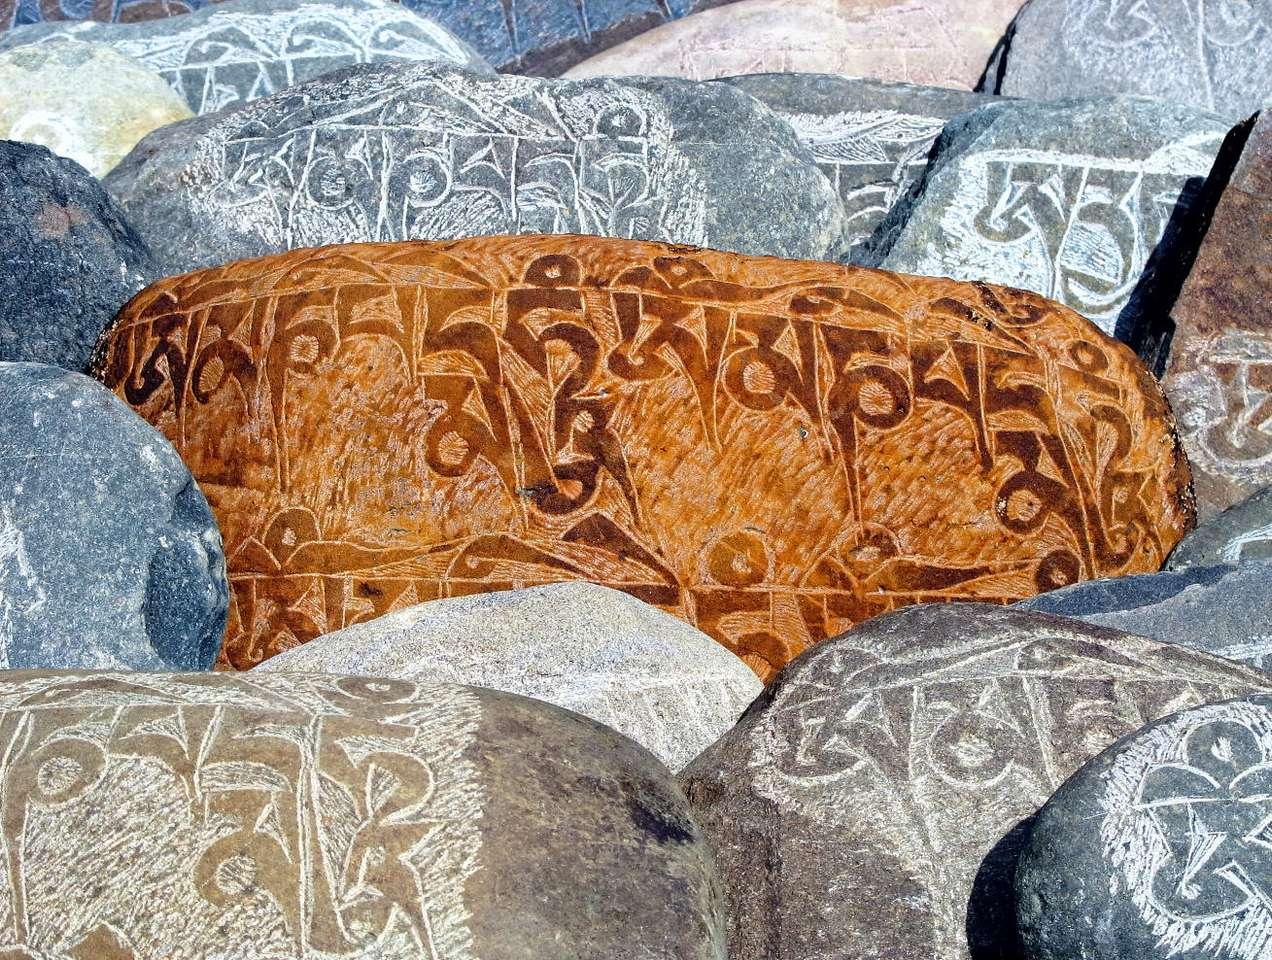 Kamienie modlitewne z Tybetu - Mani to kamień lub kamienna płyta z wyrzeźbionym tekstem mantry. Dla buddystów przejście obok takiego kamienia z właściwej strony równoważne jest z odmówieniem modlitwy. Wiele takich kamieni (17×13)